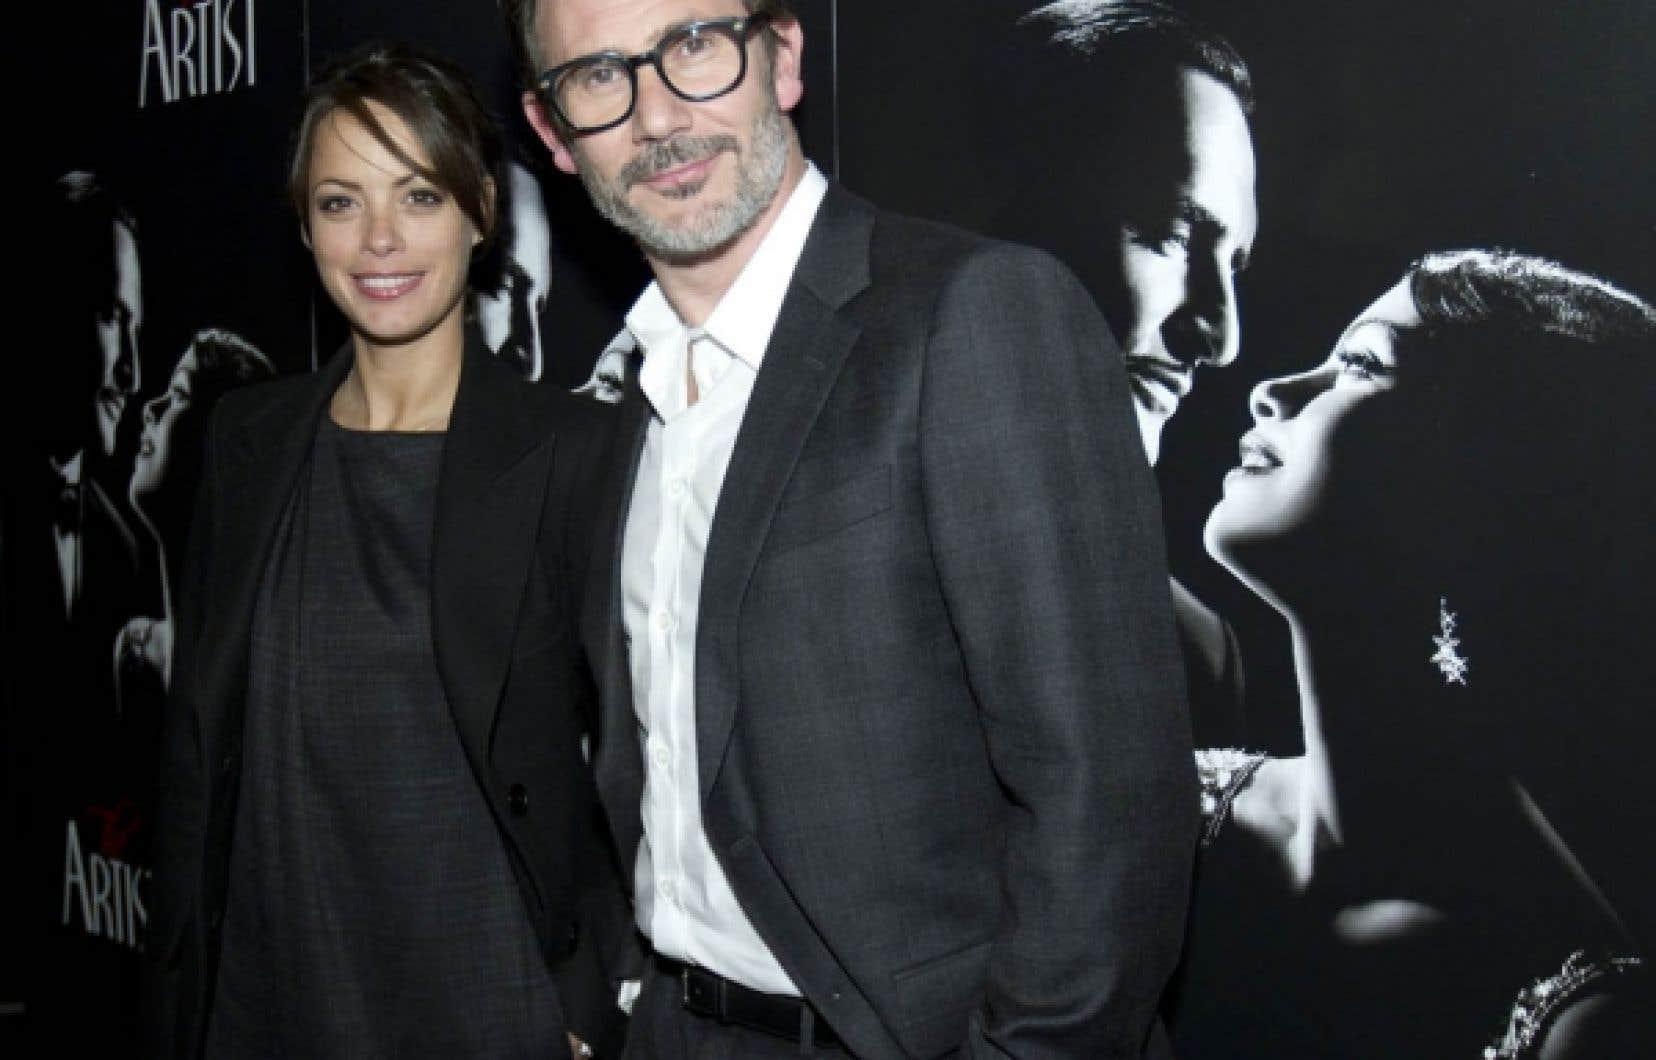 Le cinéaste français Michel Hazanavicius et Bérénice Bejo, la star féminine de son film, foulaient hier le tapis rouge d'Ex-Centris.